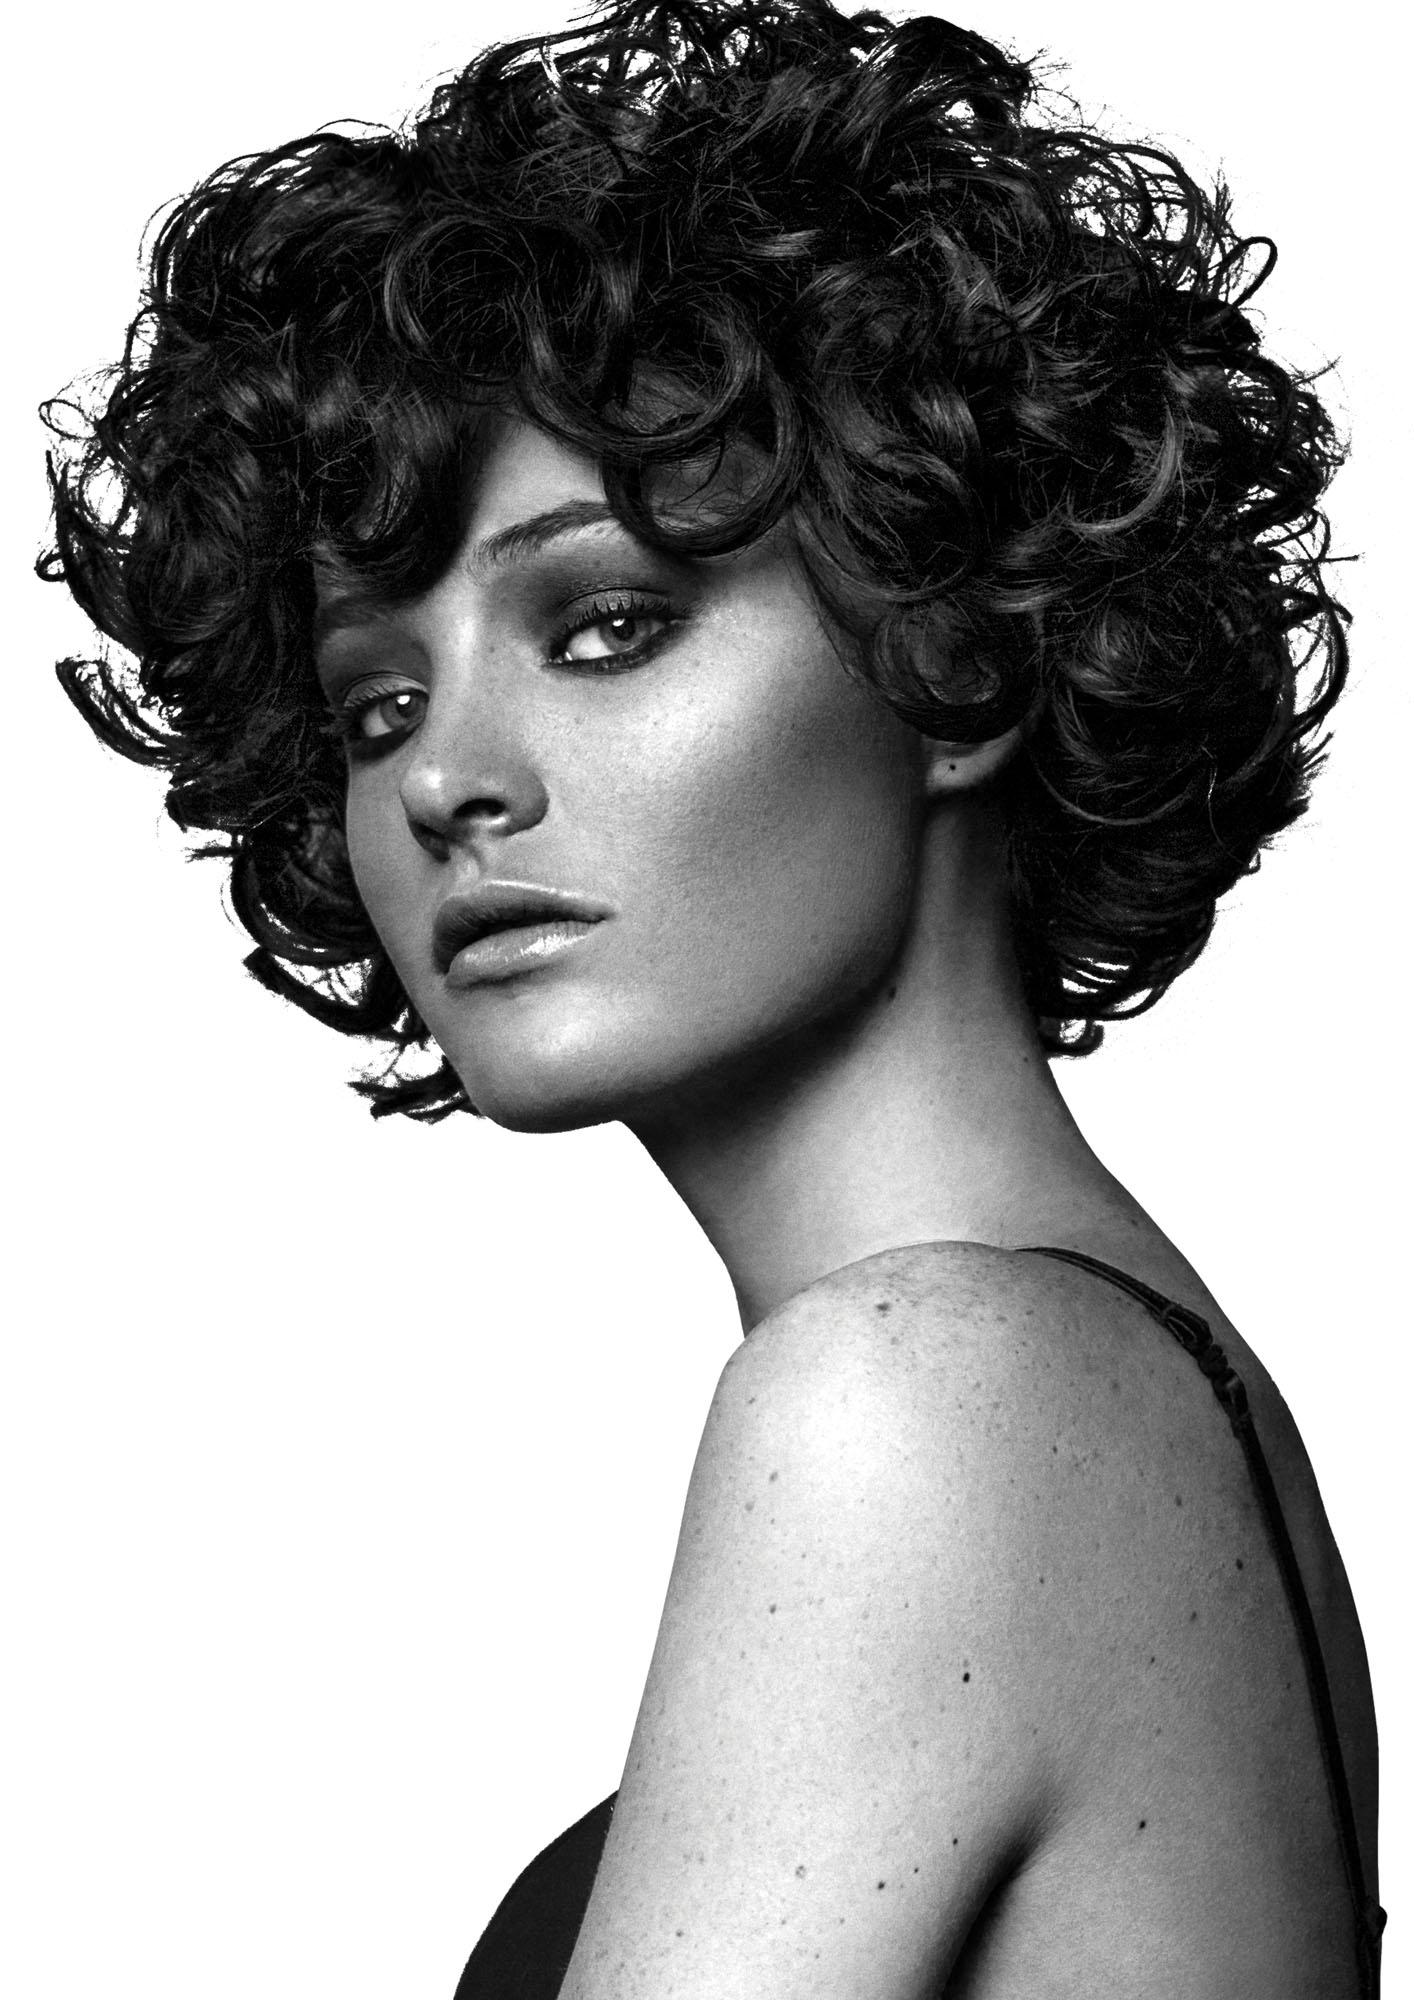 Taglio capelli corti ricci 2019 donne